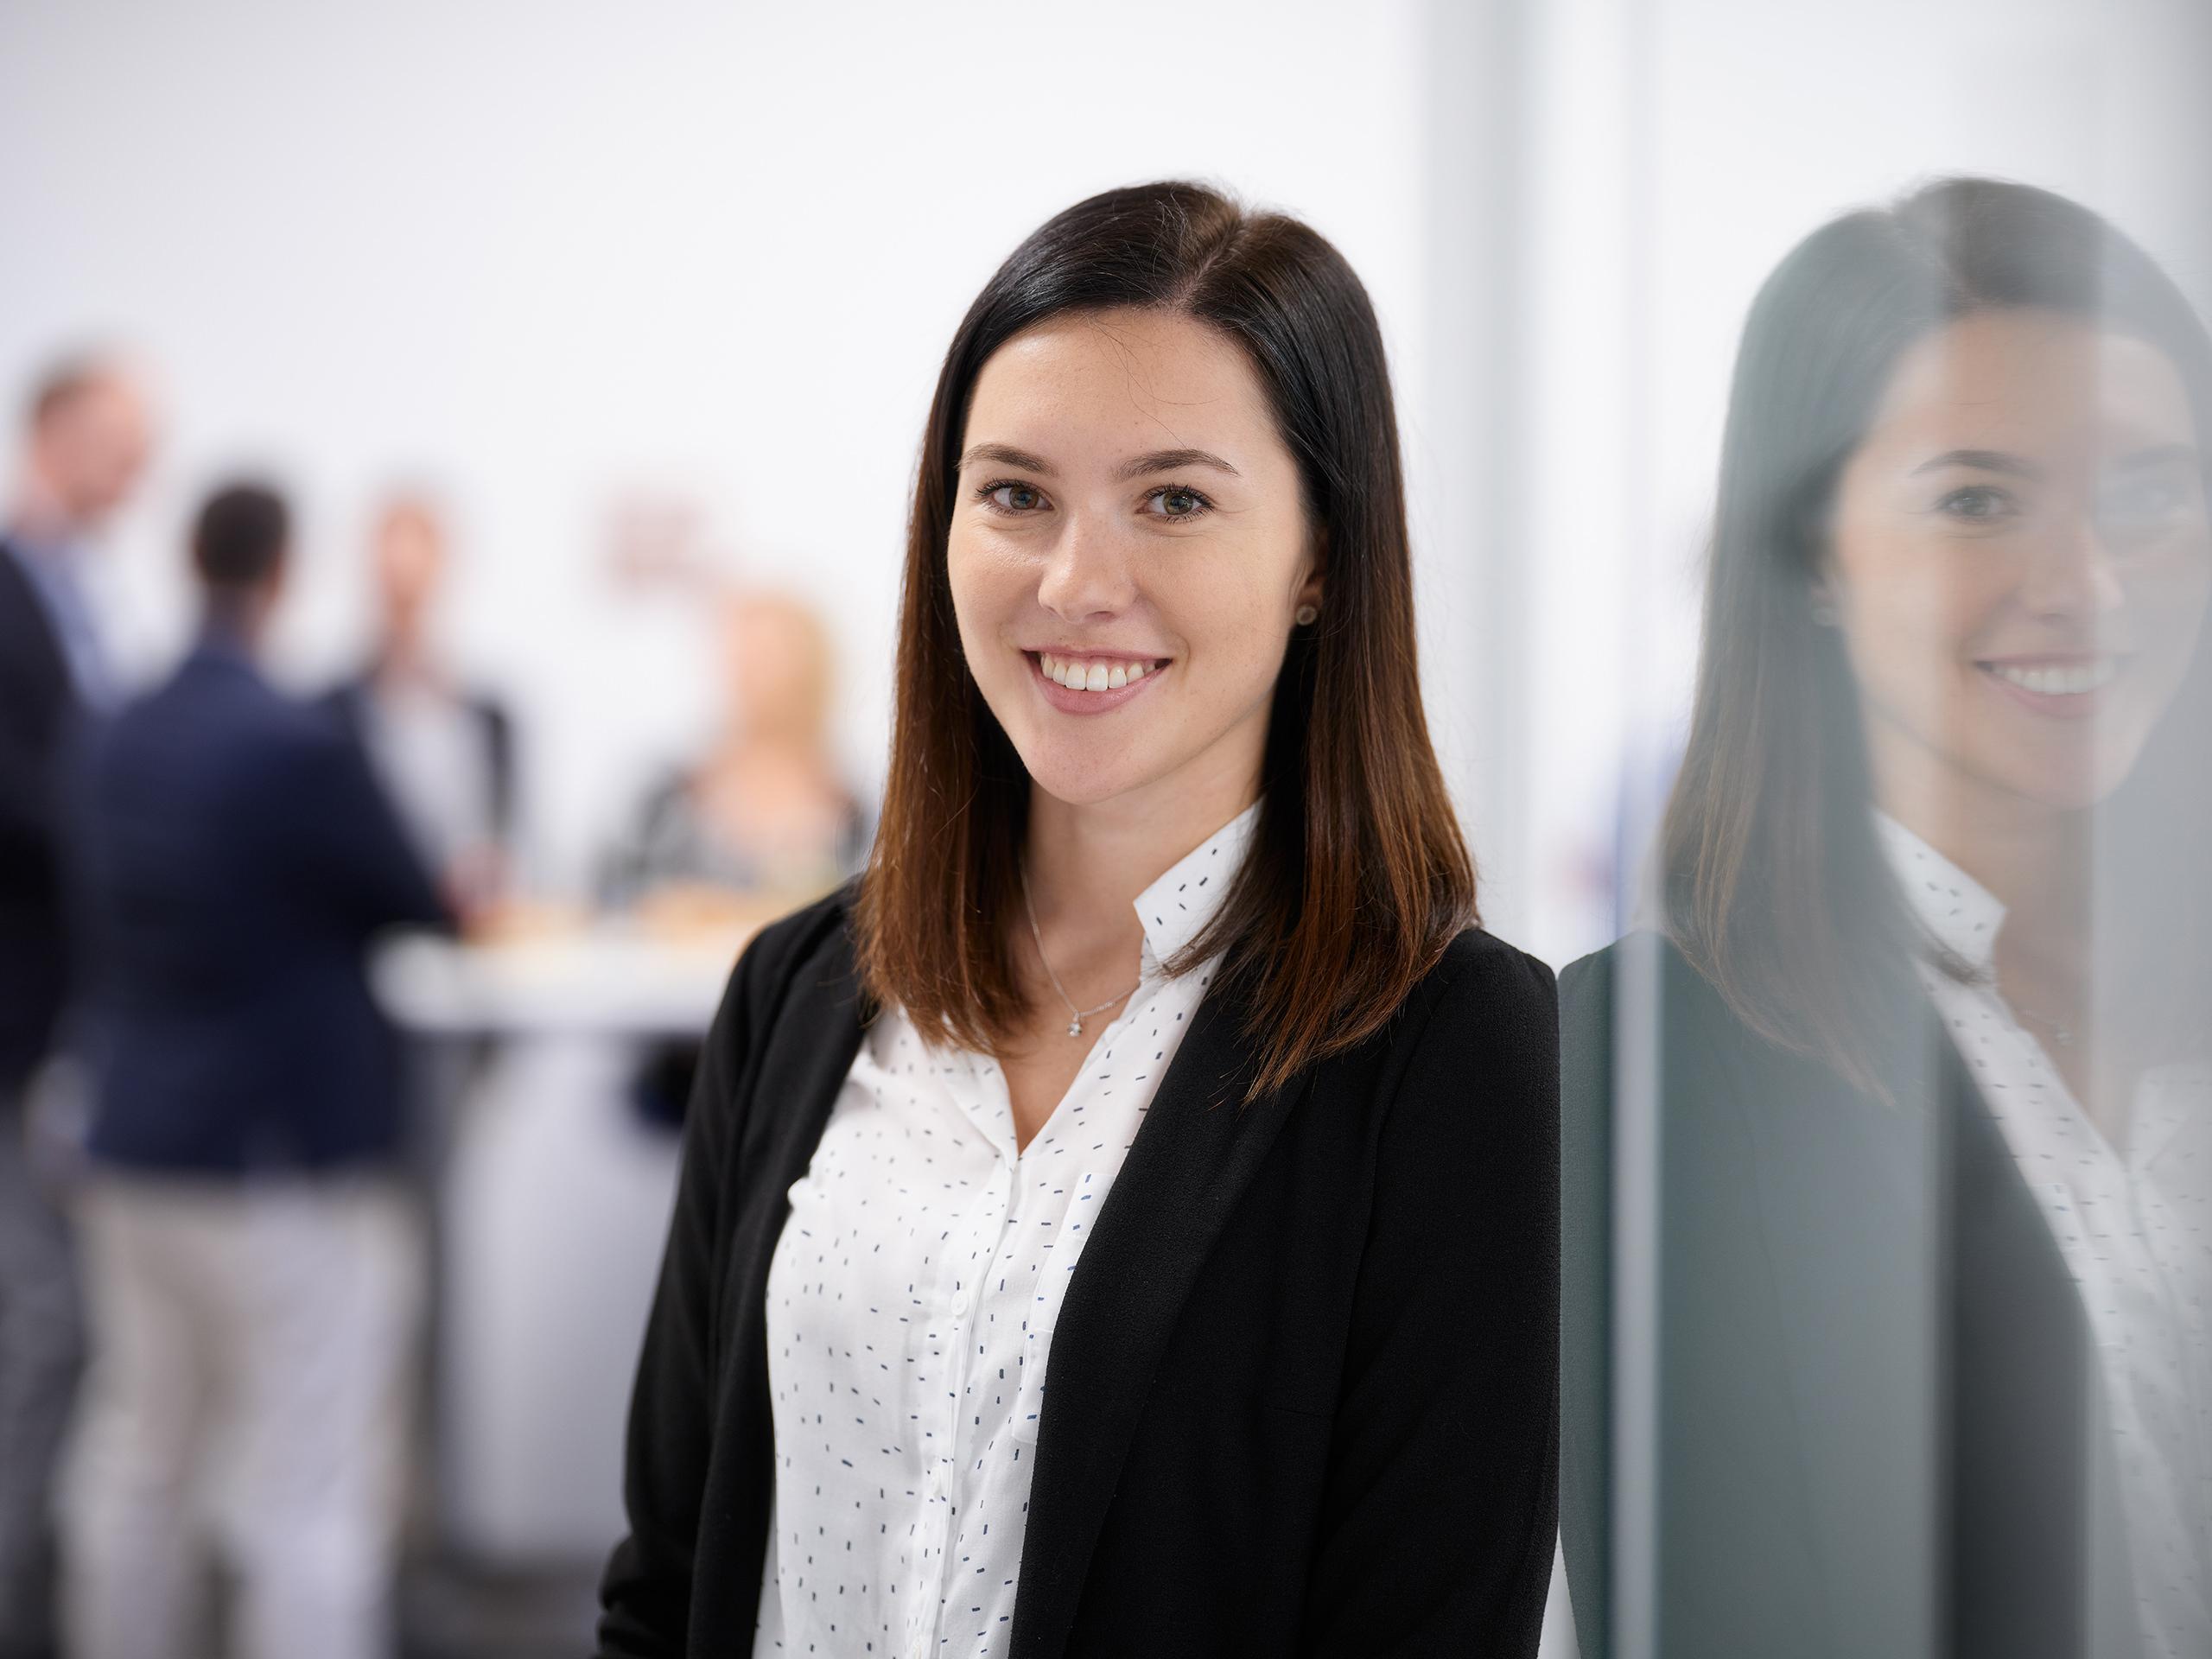 Veronika Ostertag, Bachelor of Arts